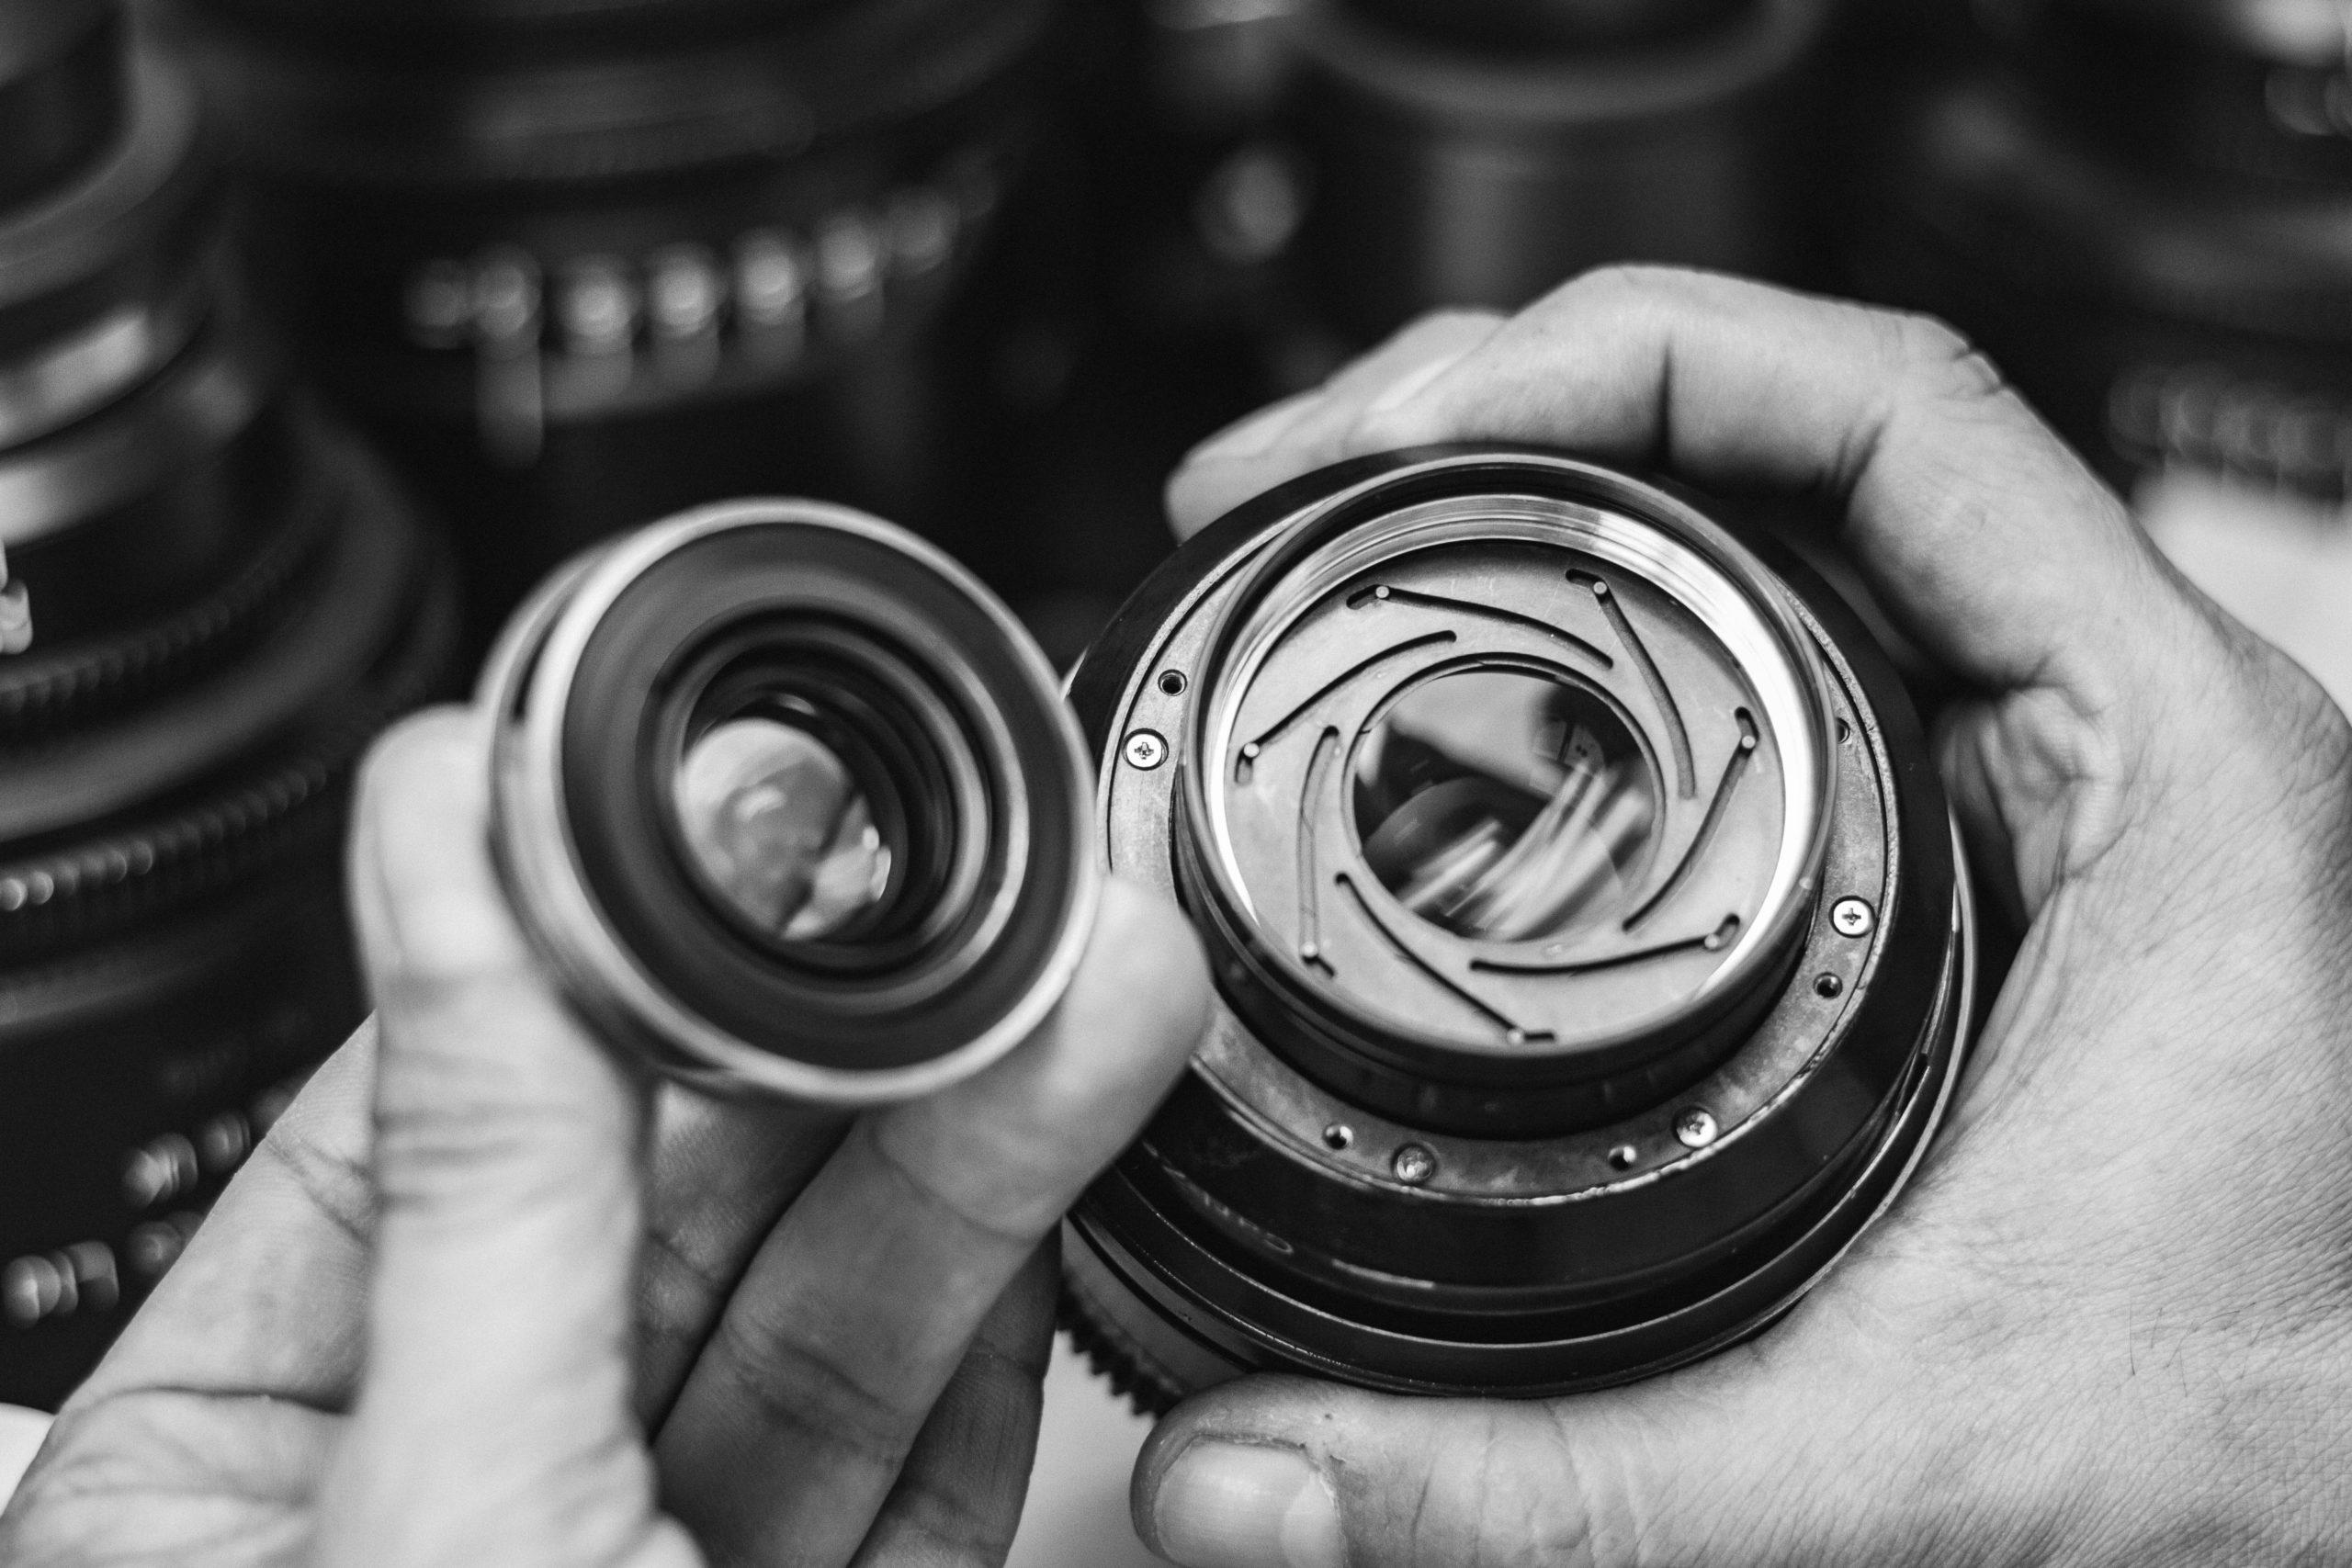 cinema lens service repair 1